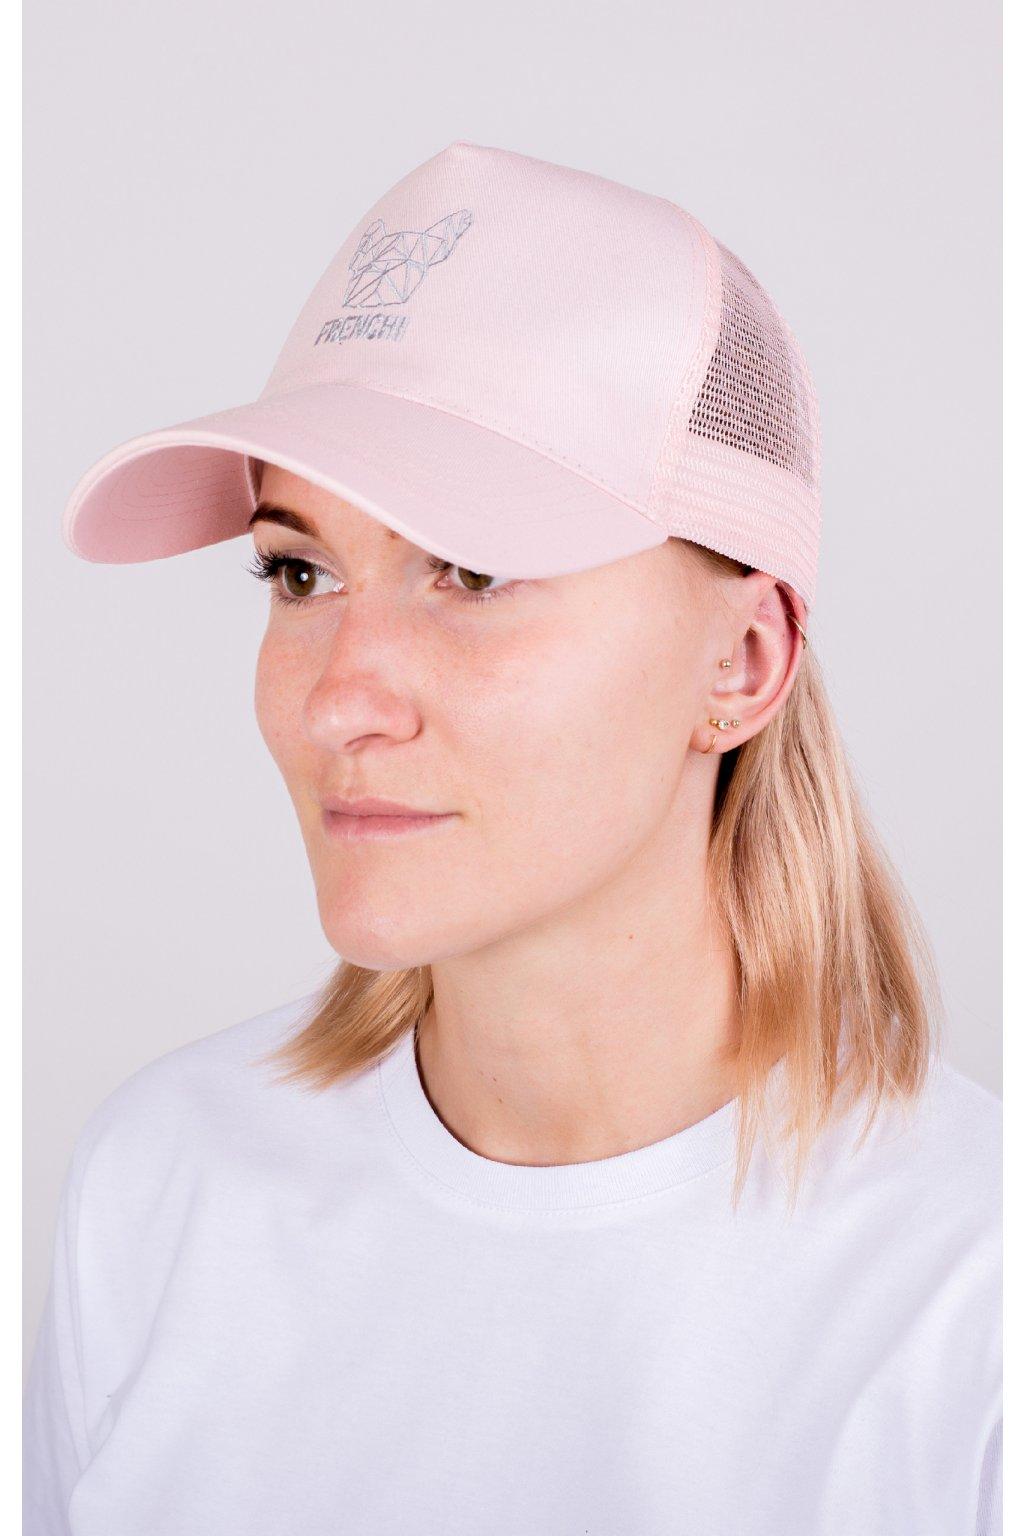 Kšiltovka Trucker se síťovinou růžová + stříbrné logo